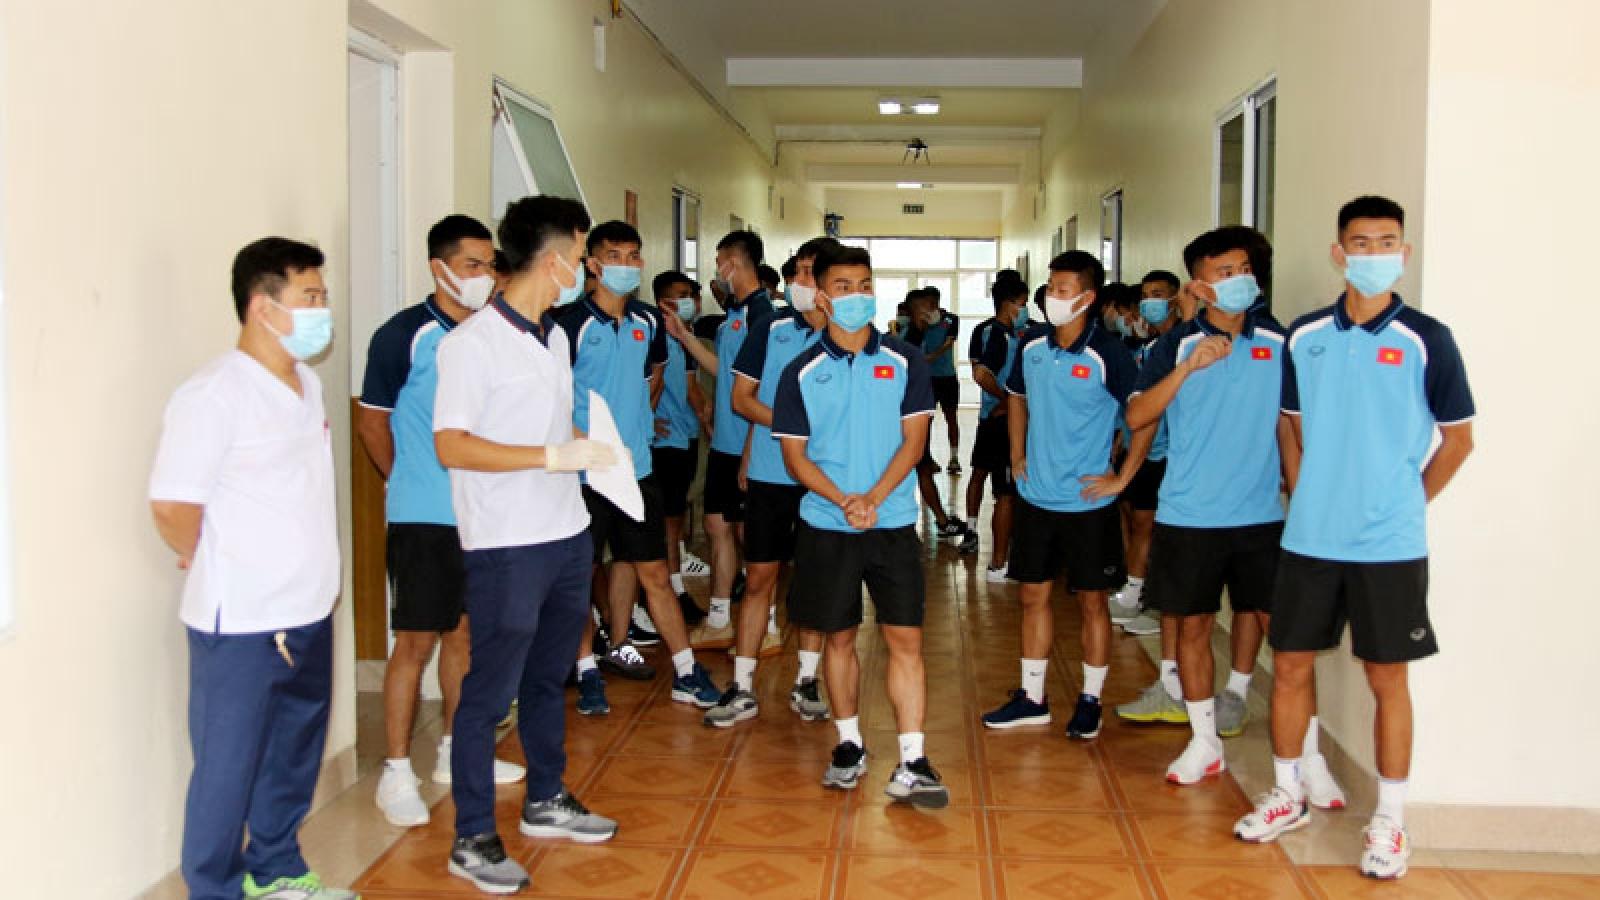 HLV Park Hang Seo cùng U22 Việt Nam nghiêm túc xét nghiệm Covid-19